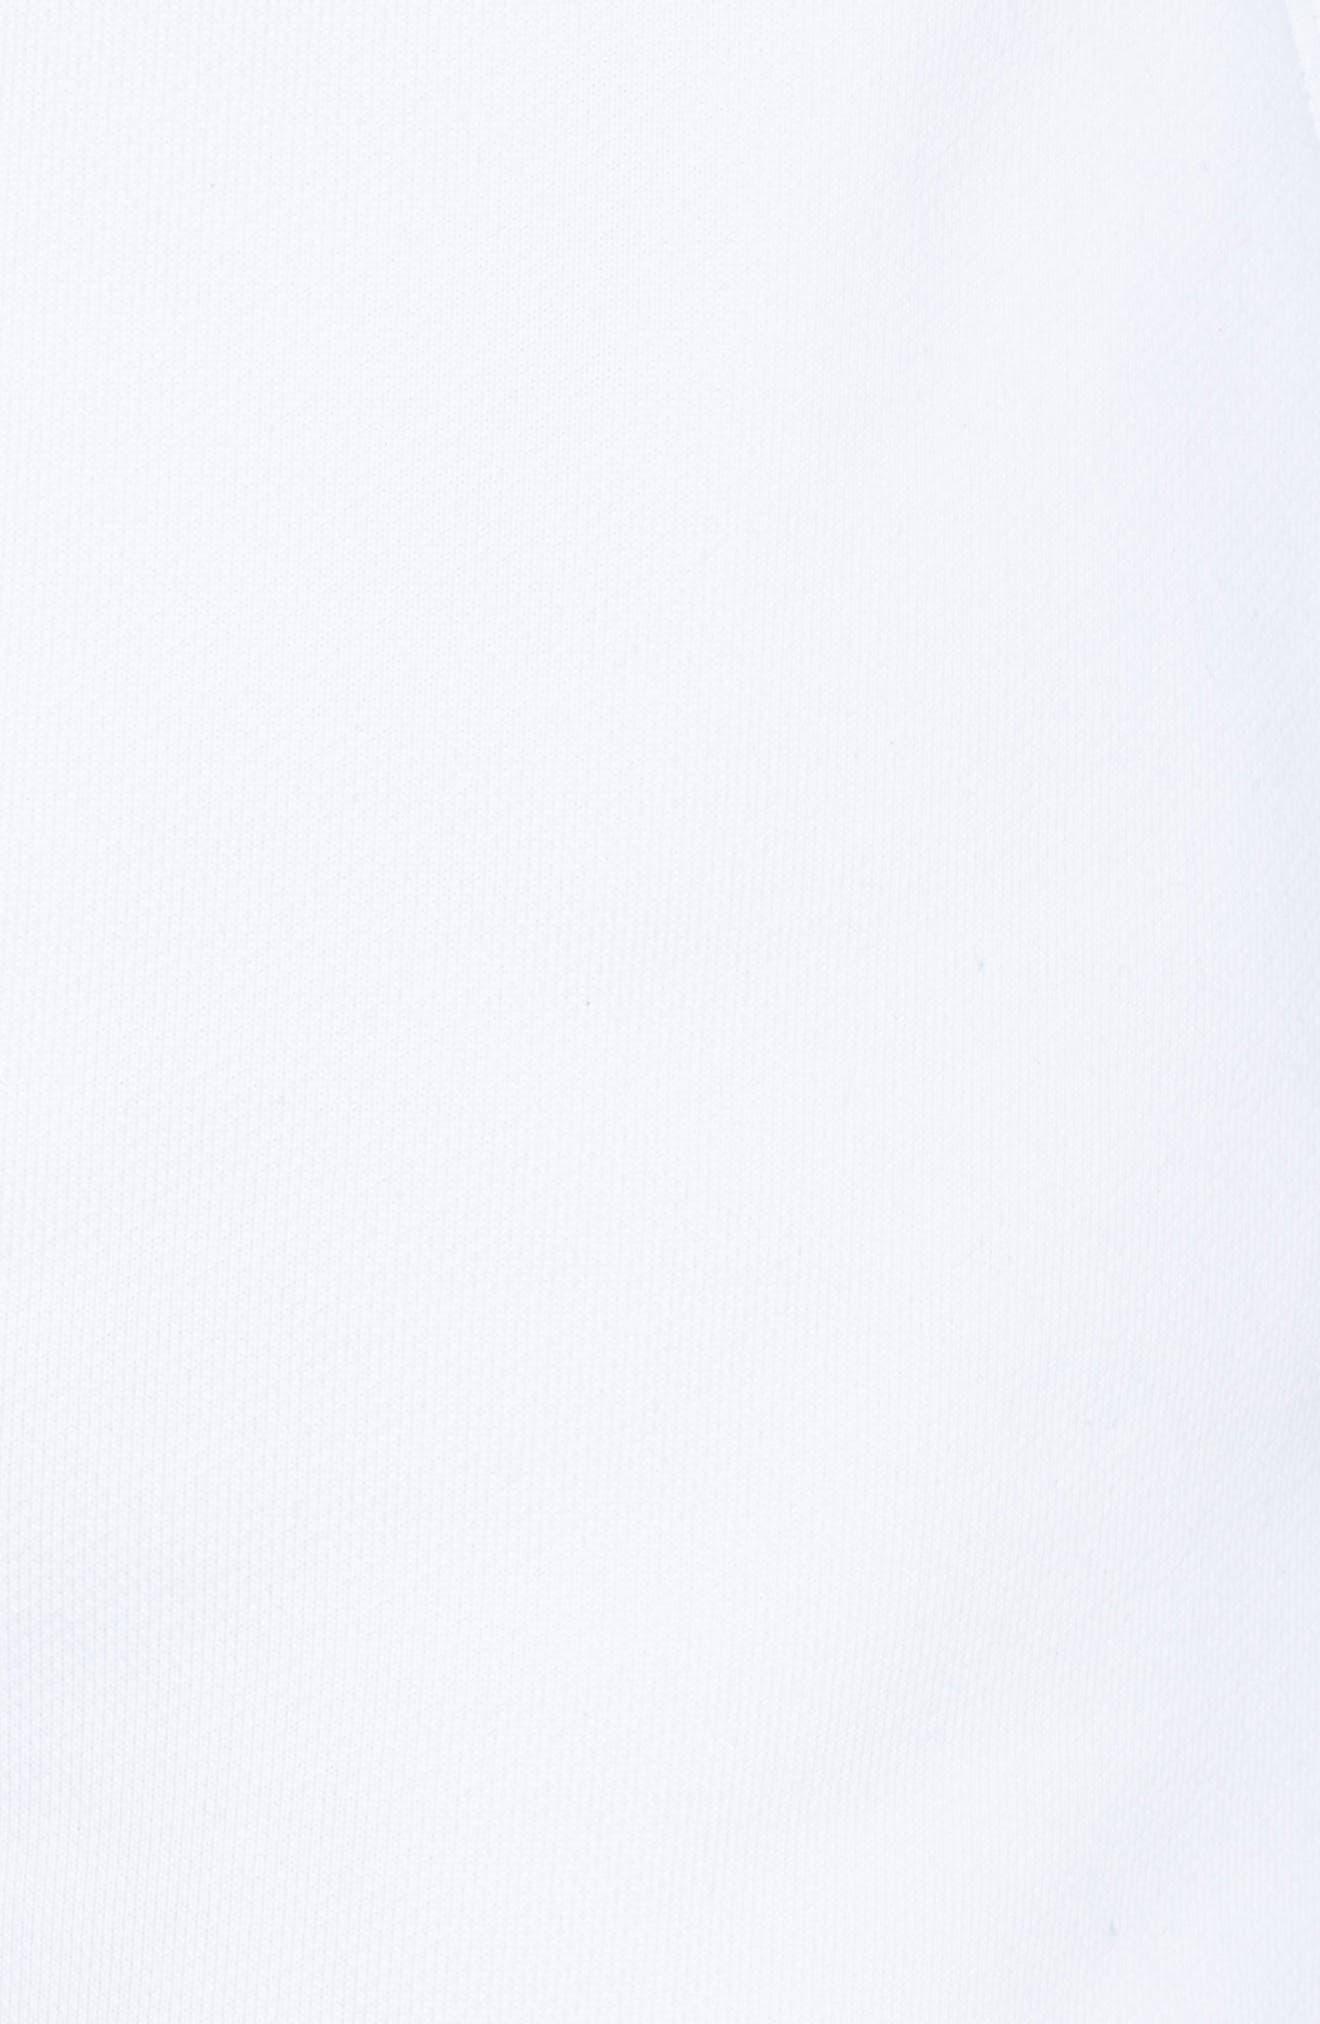 NikeLab Collection Women's Fleece Shorts,                             Alternate thumbnail 6, color,                             100